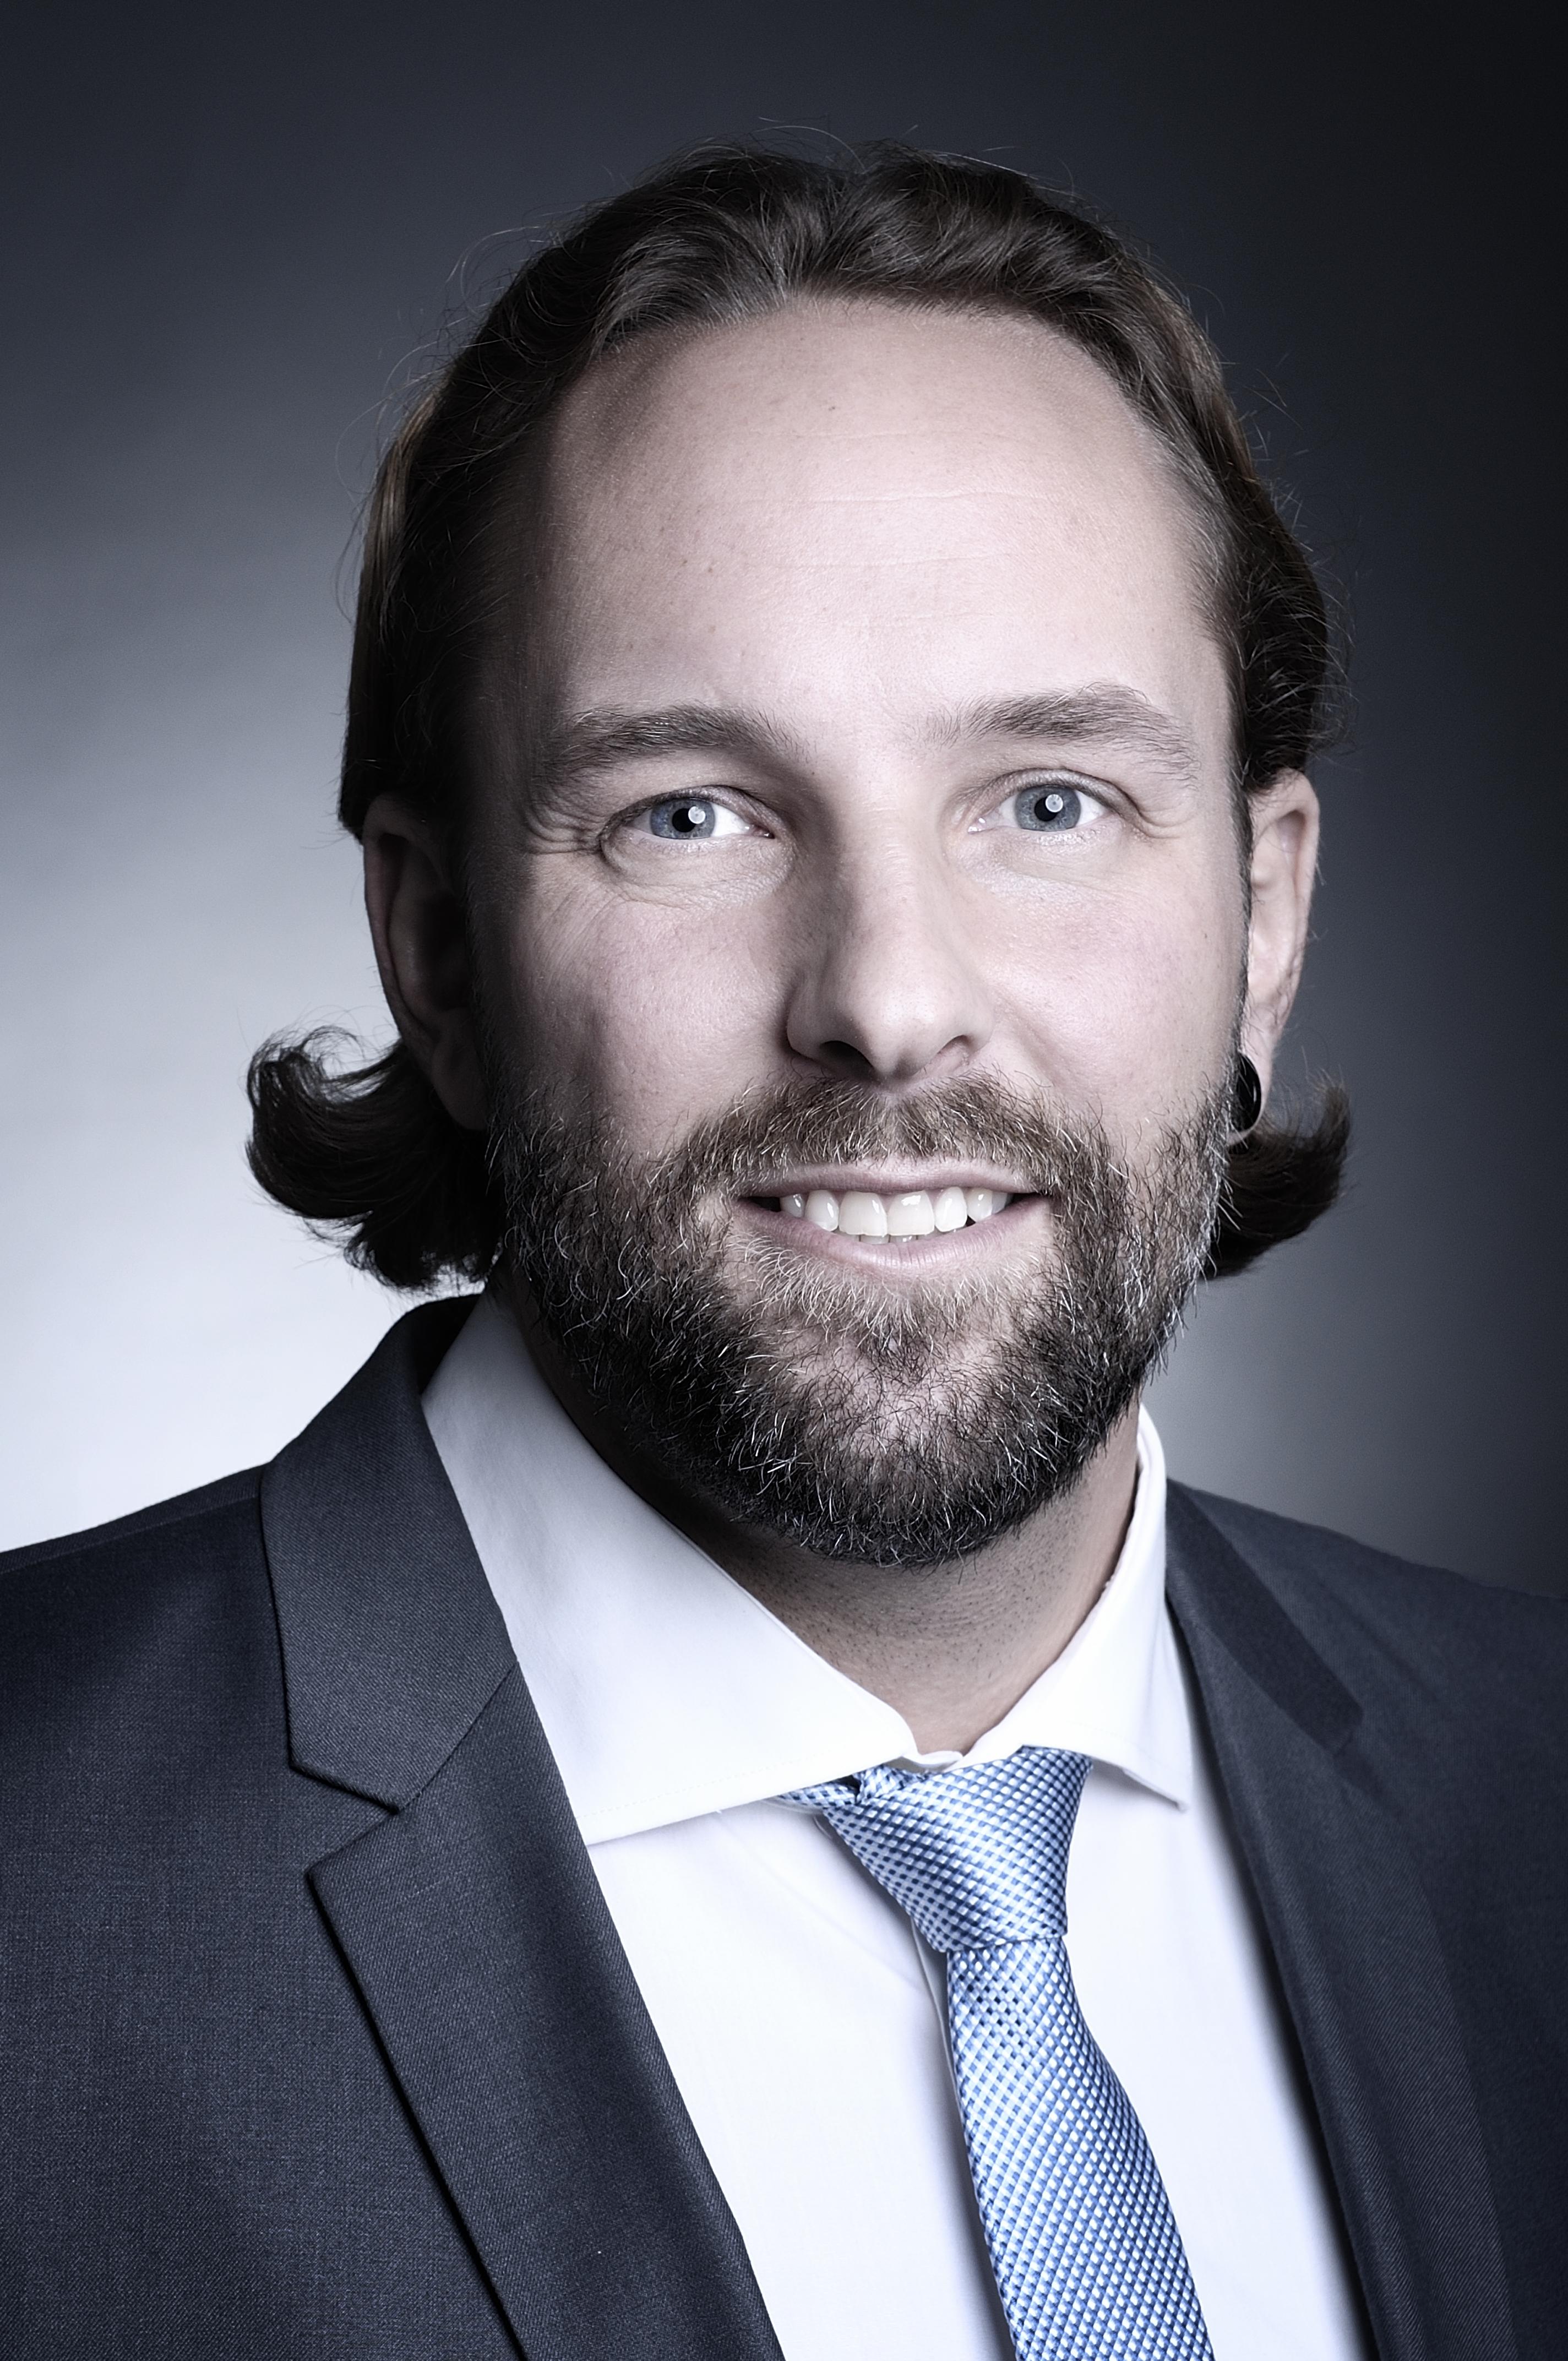 Dennis Janz